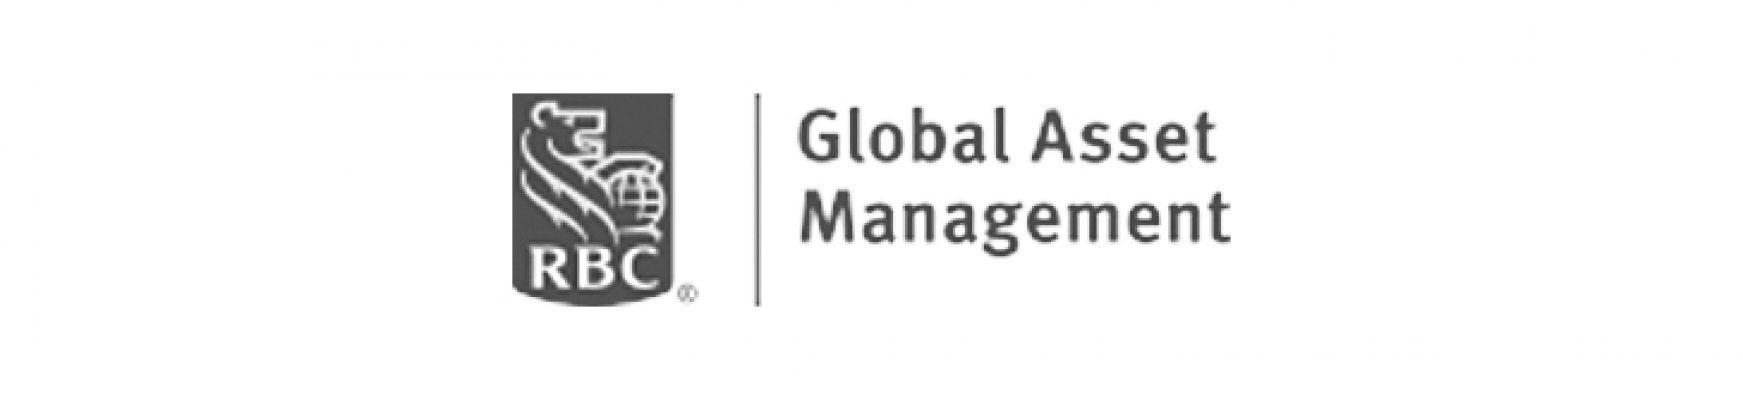 global-asset